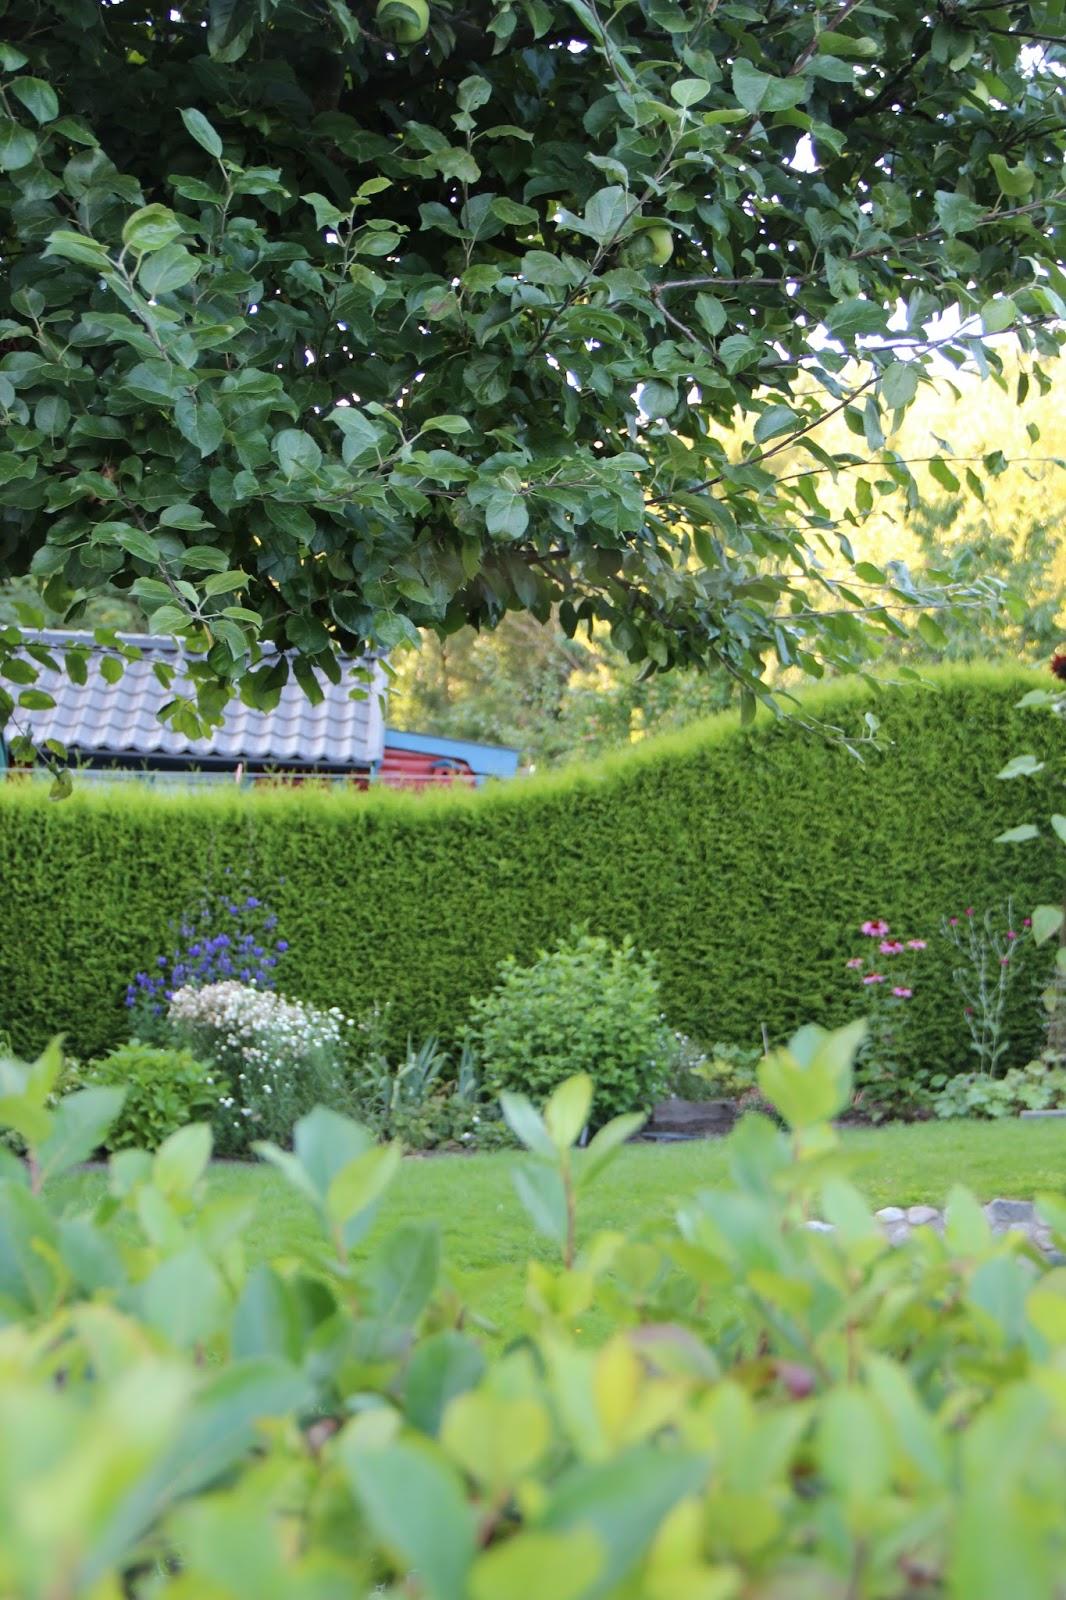 en grön sida: Intryck från igår (och en väv som andas trädgård)